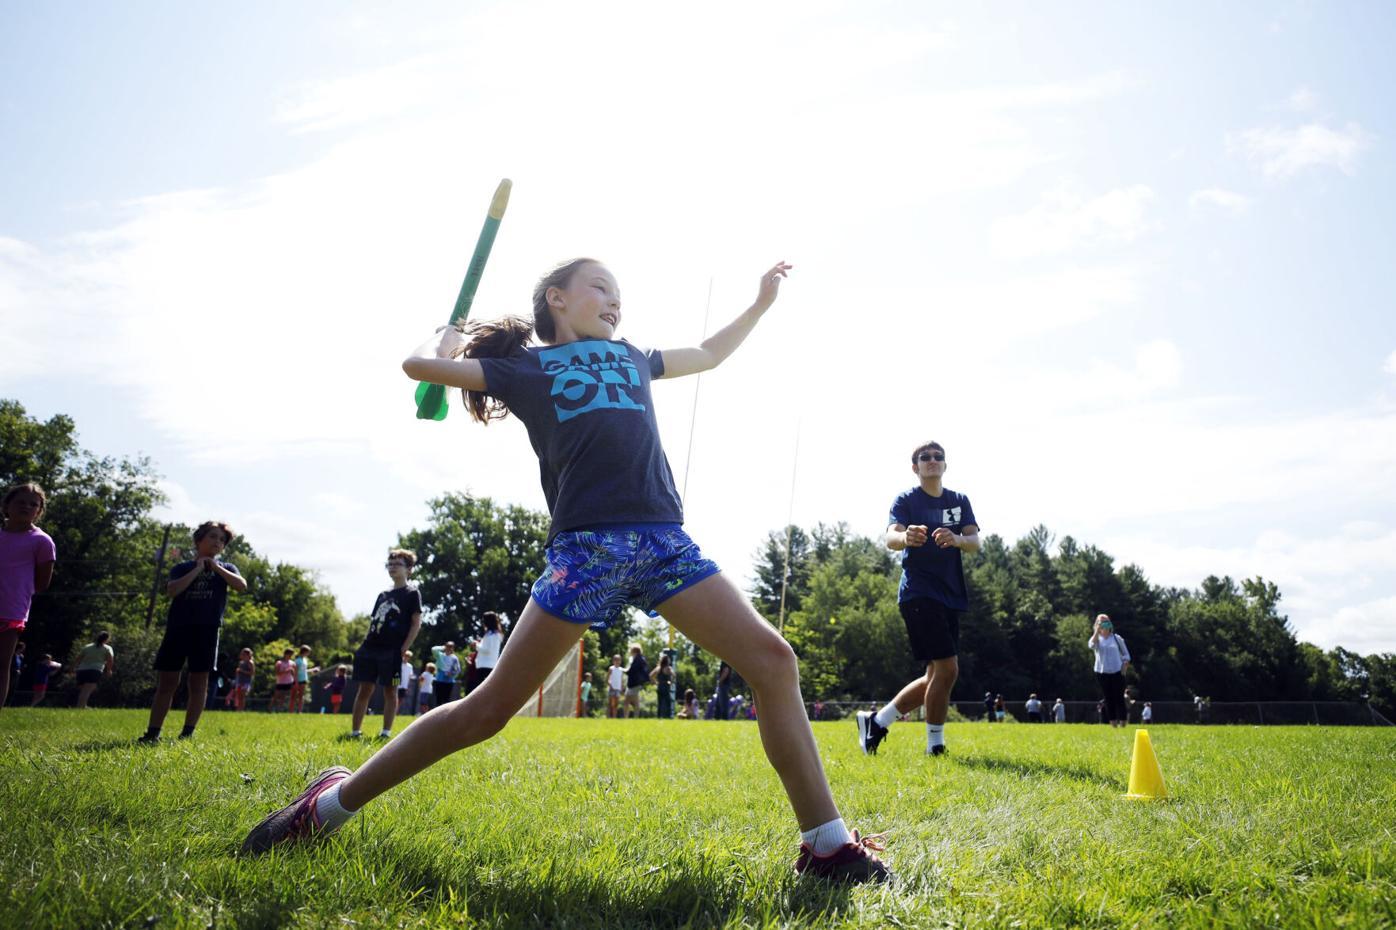 Hazel Schaller throws javelin